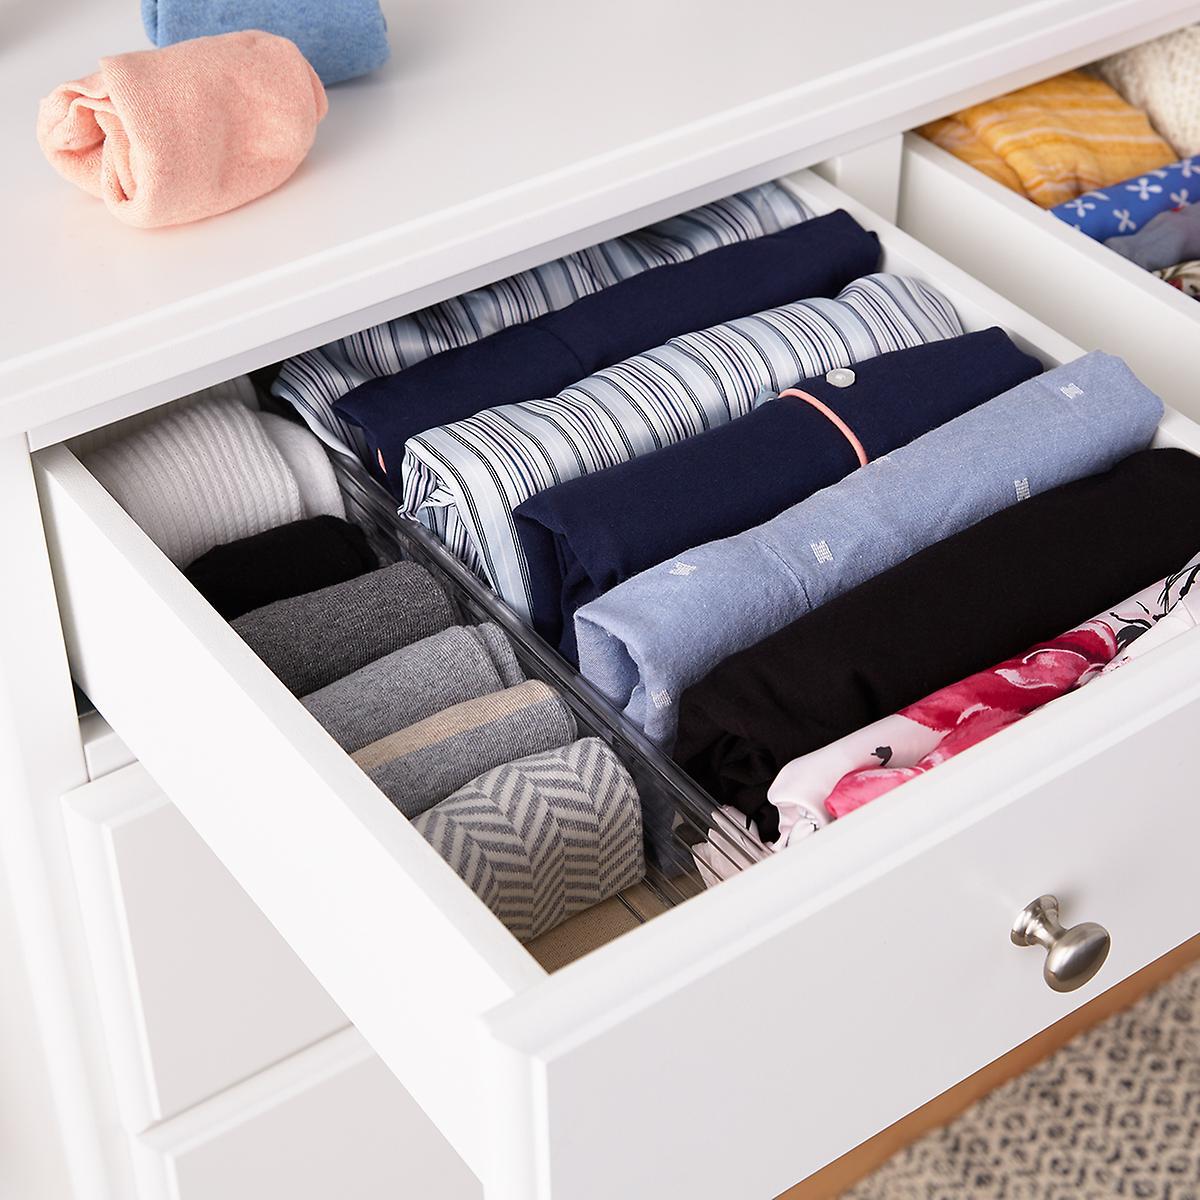 quần áo sắp xếp ngay ngắn trong tủ